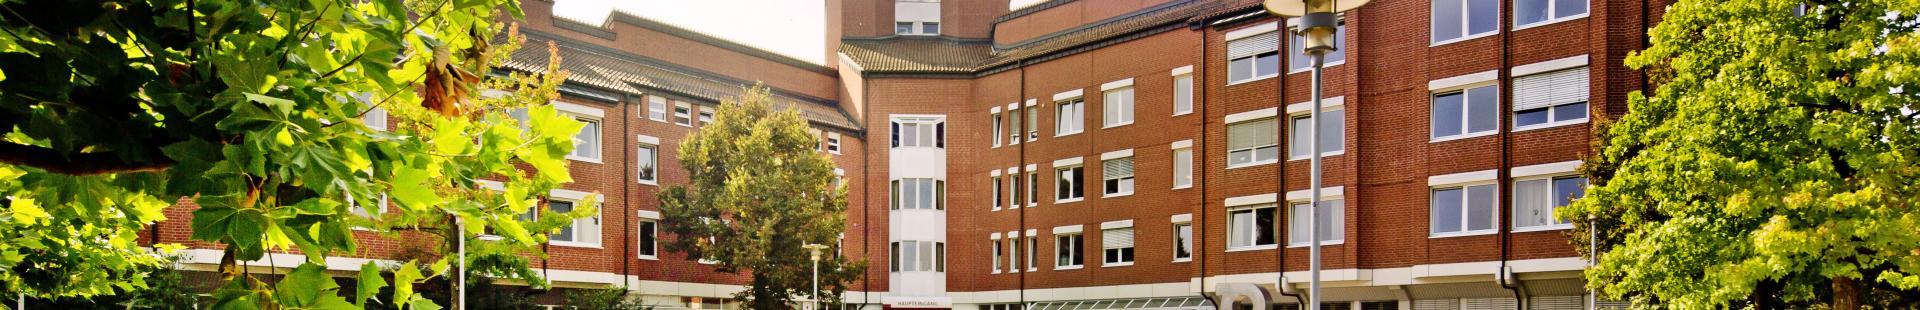 Klinik in Diepholz